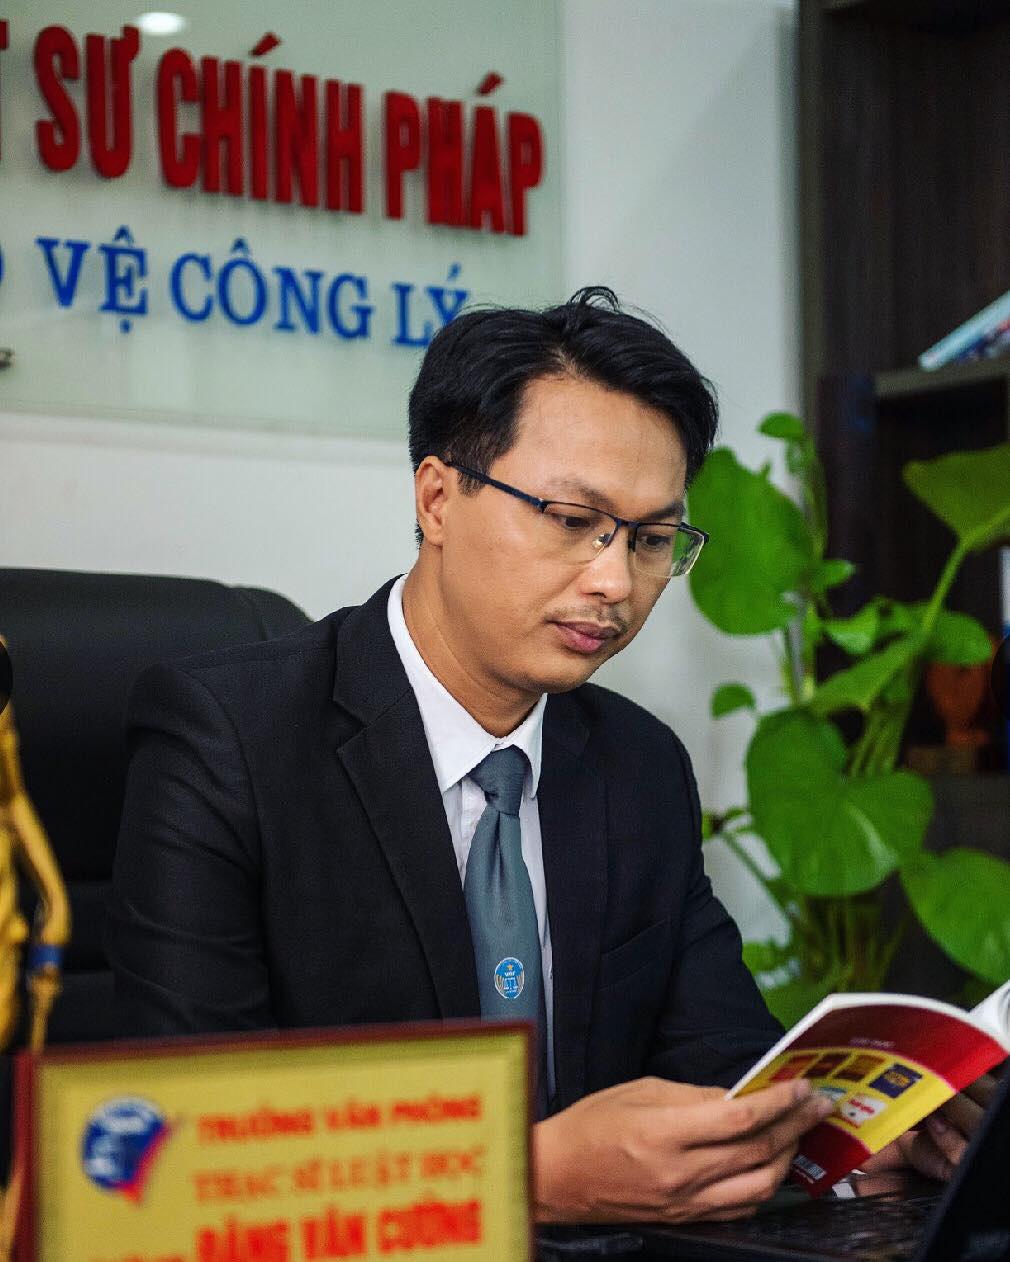 Kẻ mạo danh Facebook ca sĩ Thuỷ Tiên chiếm tiền từ thiện có bị phạt tù? - Ảnh 3.